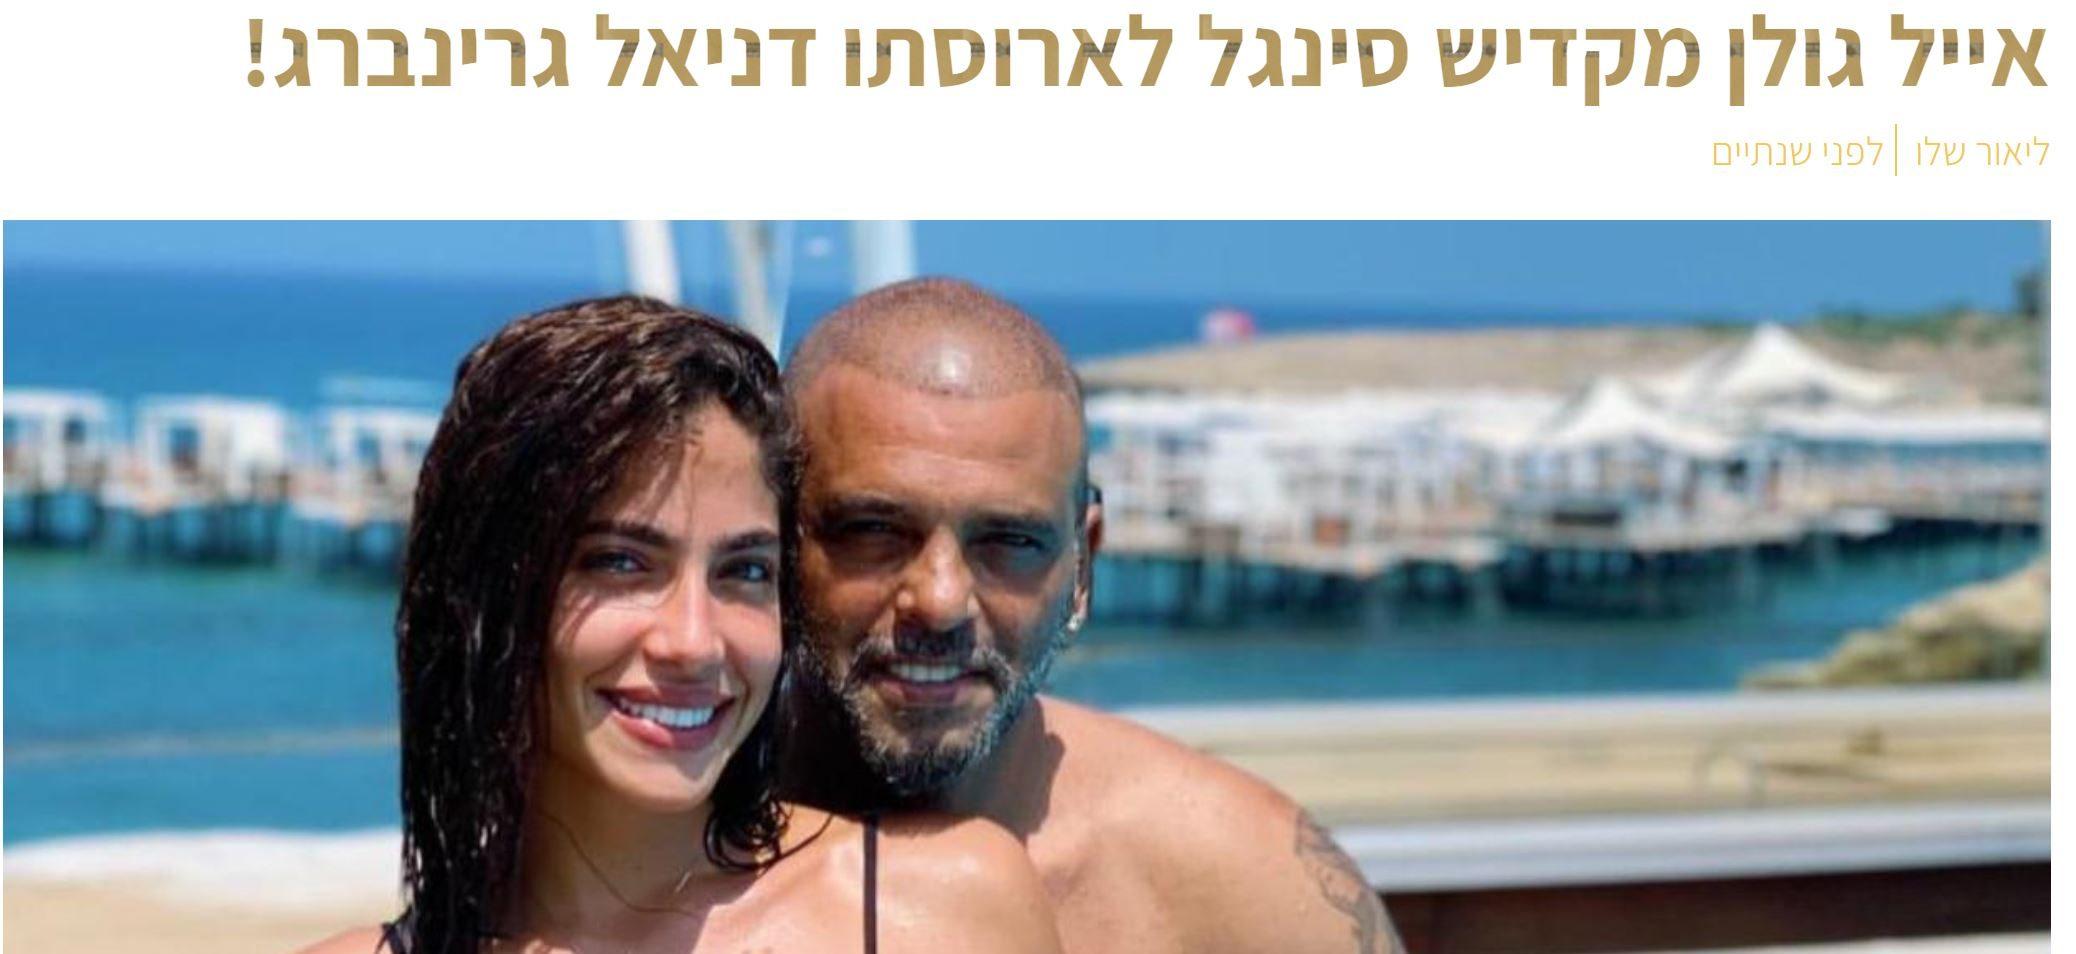 תרבות הביטול נעדרת מיוצגת עם סיקור של ישראל בידור את אייל גולן